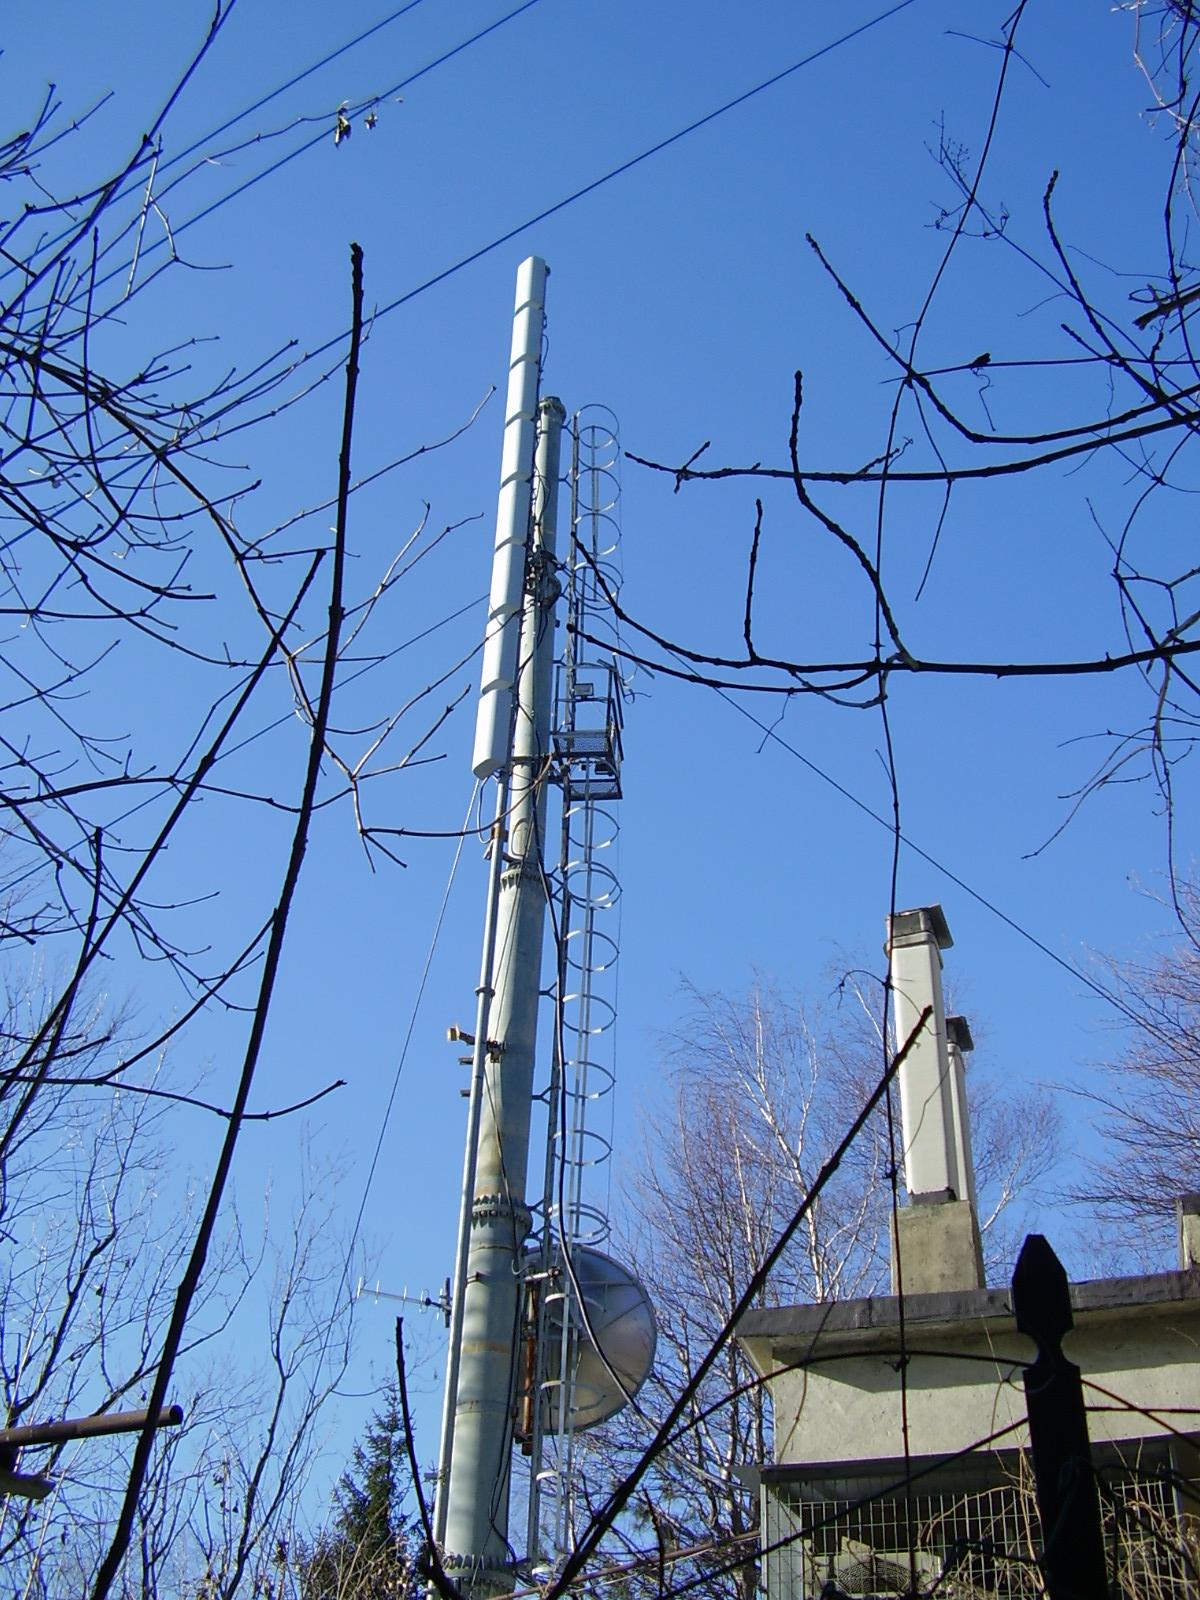 antenne20tv20Brunate - DTT: masterplan AT3 in continua evoluzione. Le emittenti: così si rischia di perdere il controllo della situazione